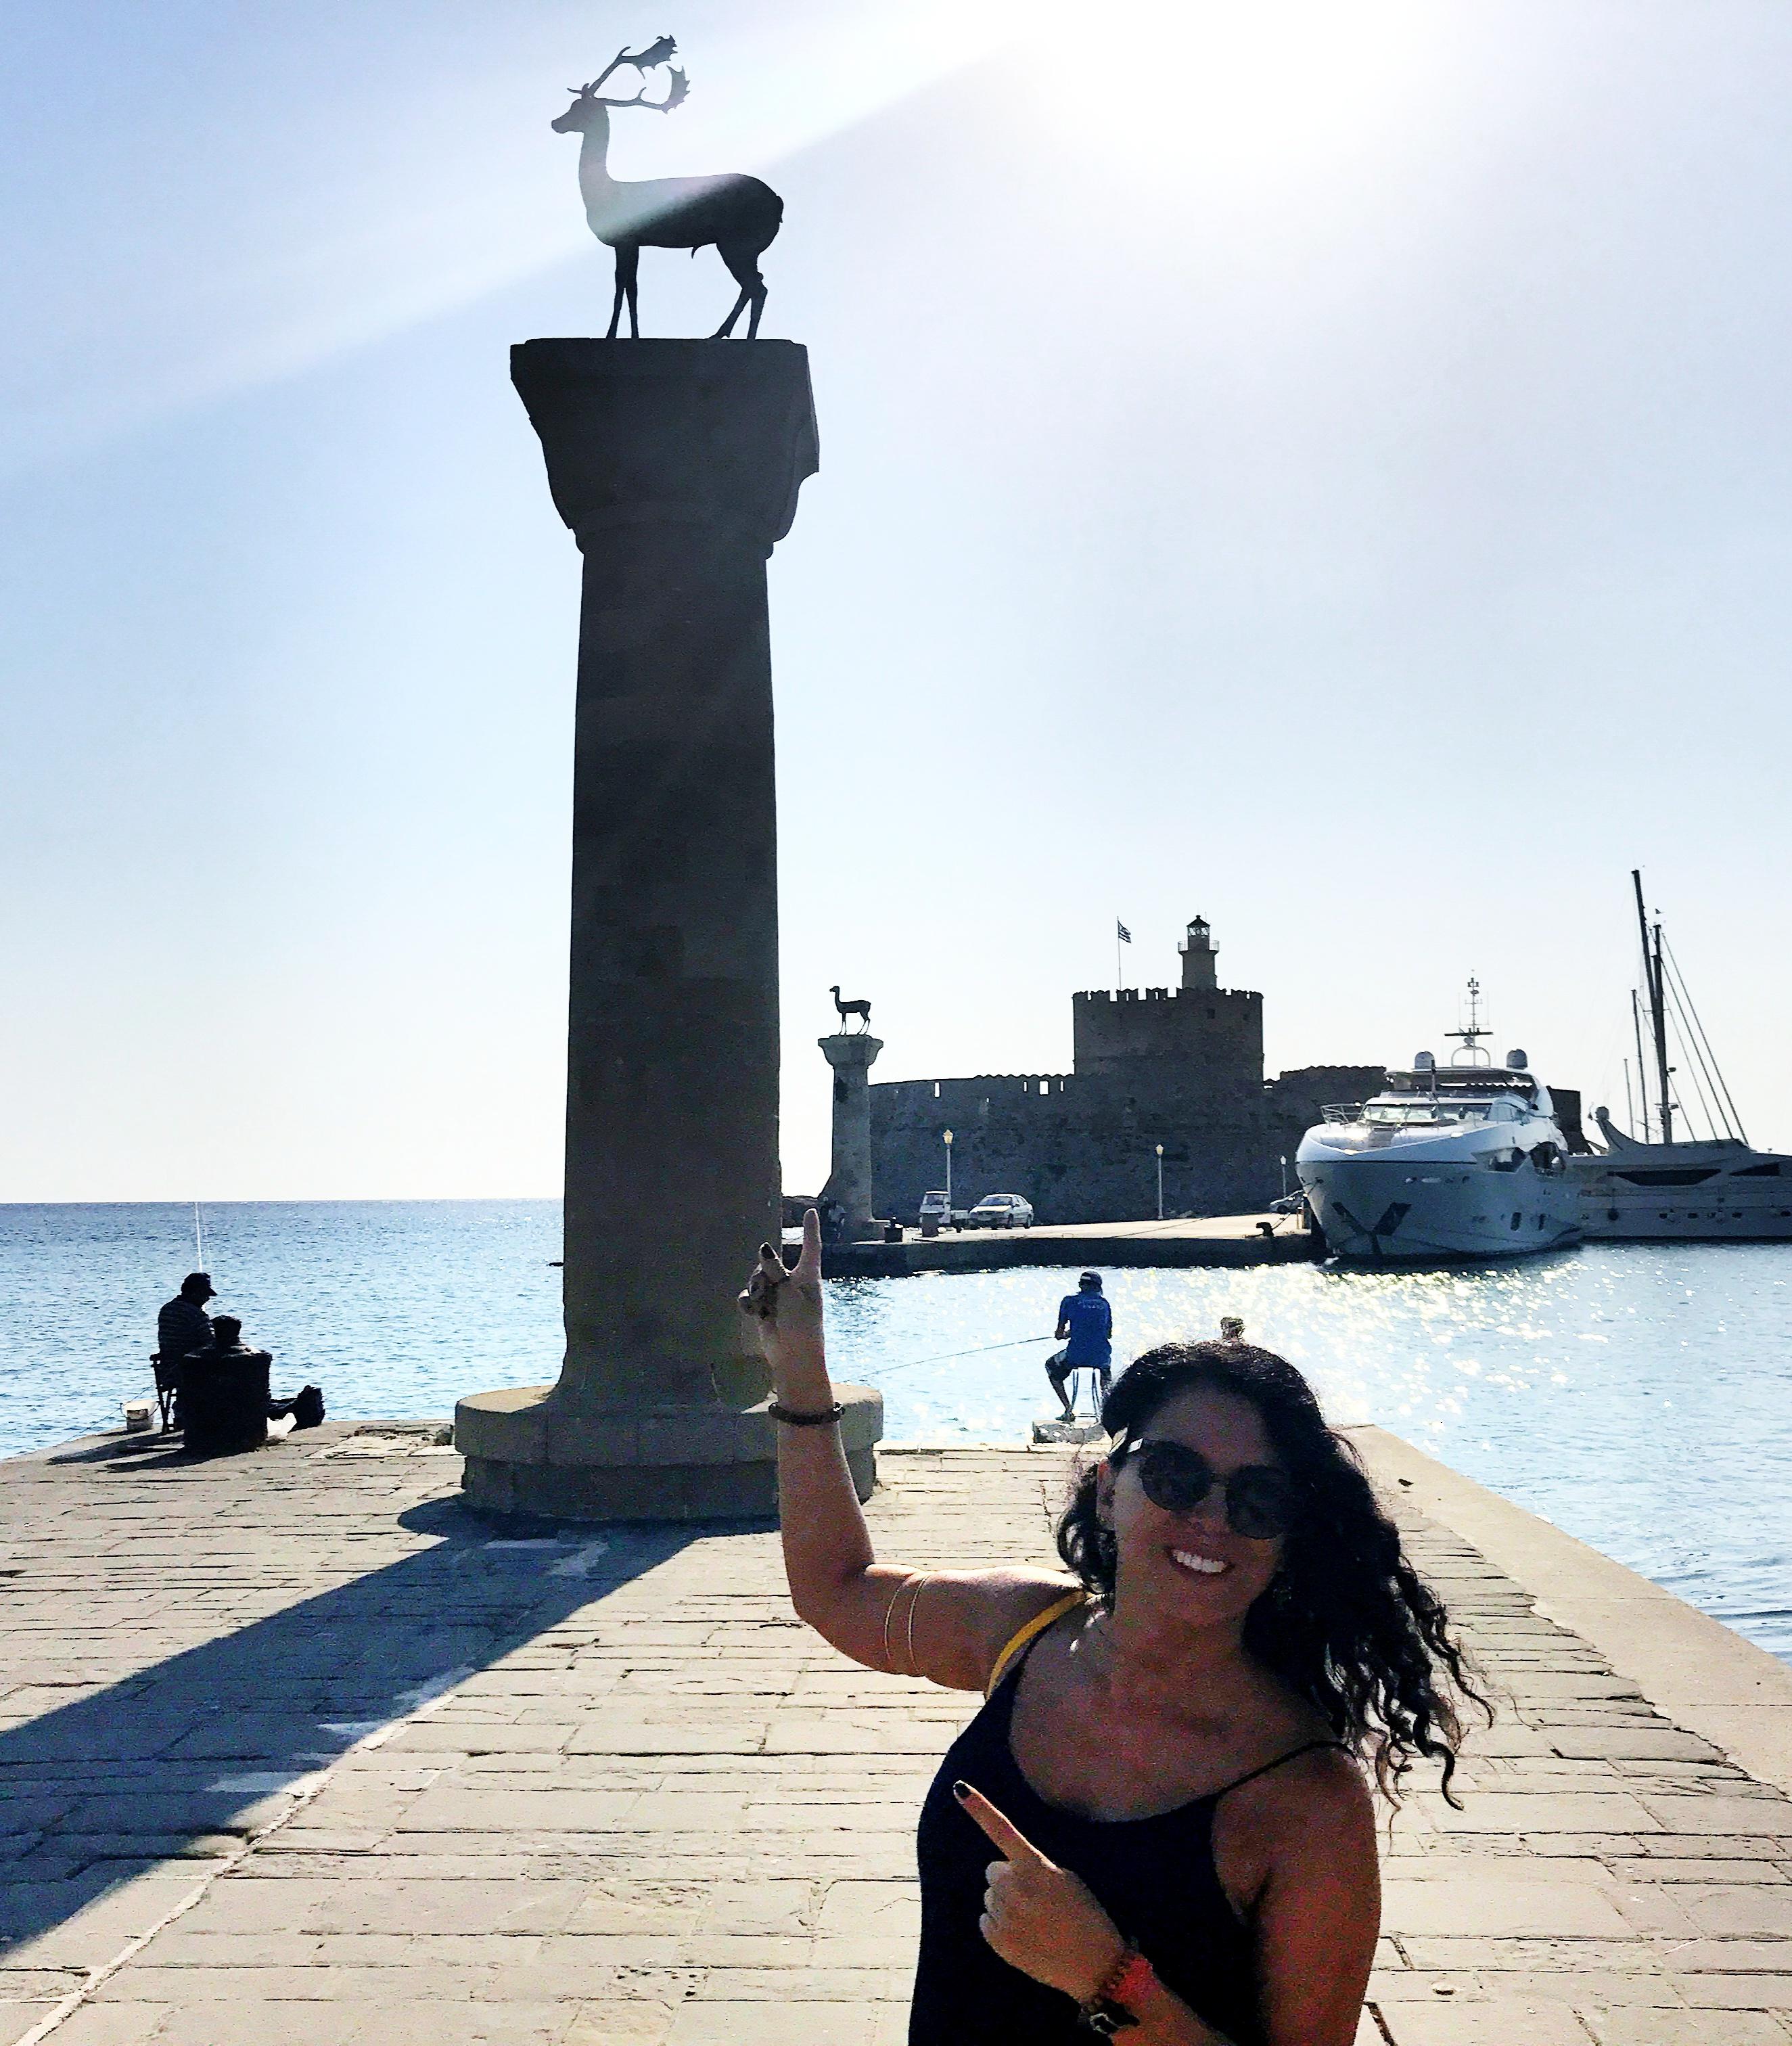 Mandraki Limanı, Büyük İskender'in heykelinin olduğu düşünülen yer